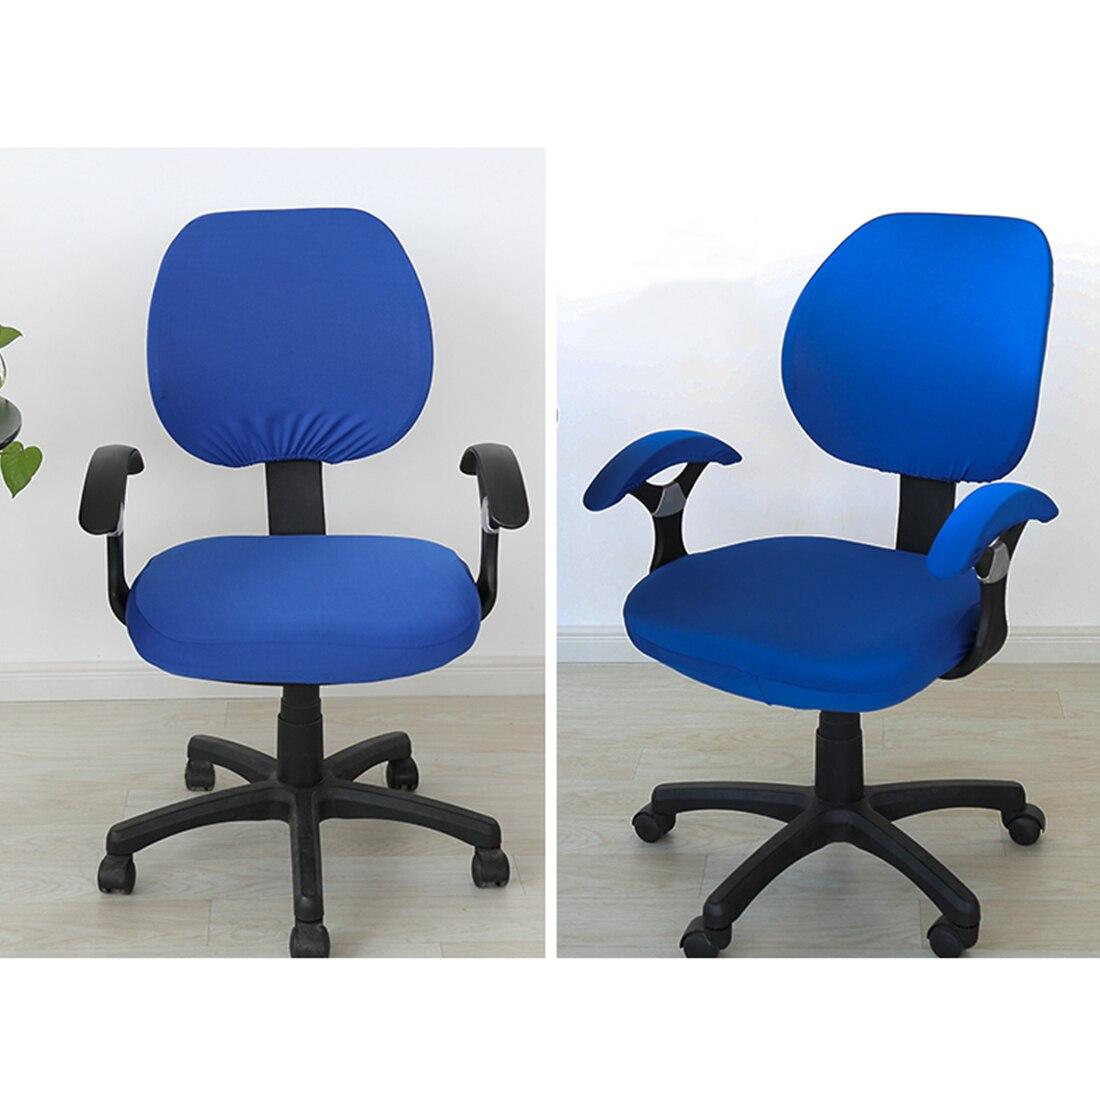 ¡Superventas! fundas de tela elástica de Spandex para sillas de ordenador, sillas de oficina, sillas de juegos, silla lavable fácil